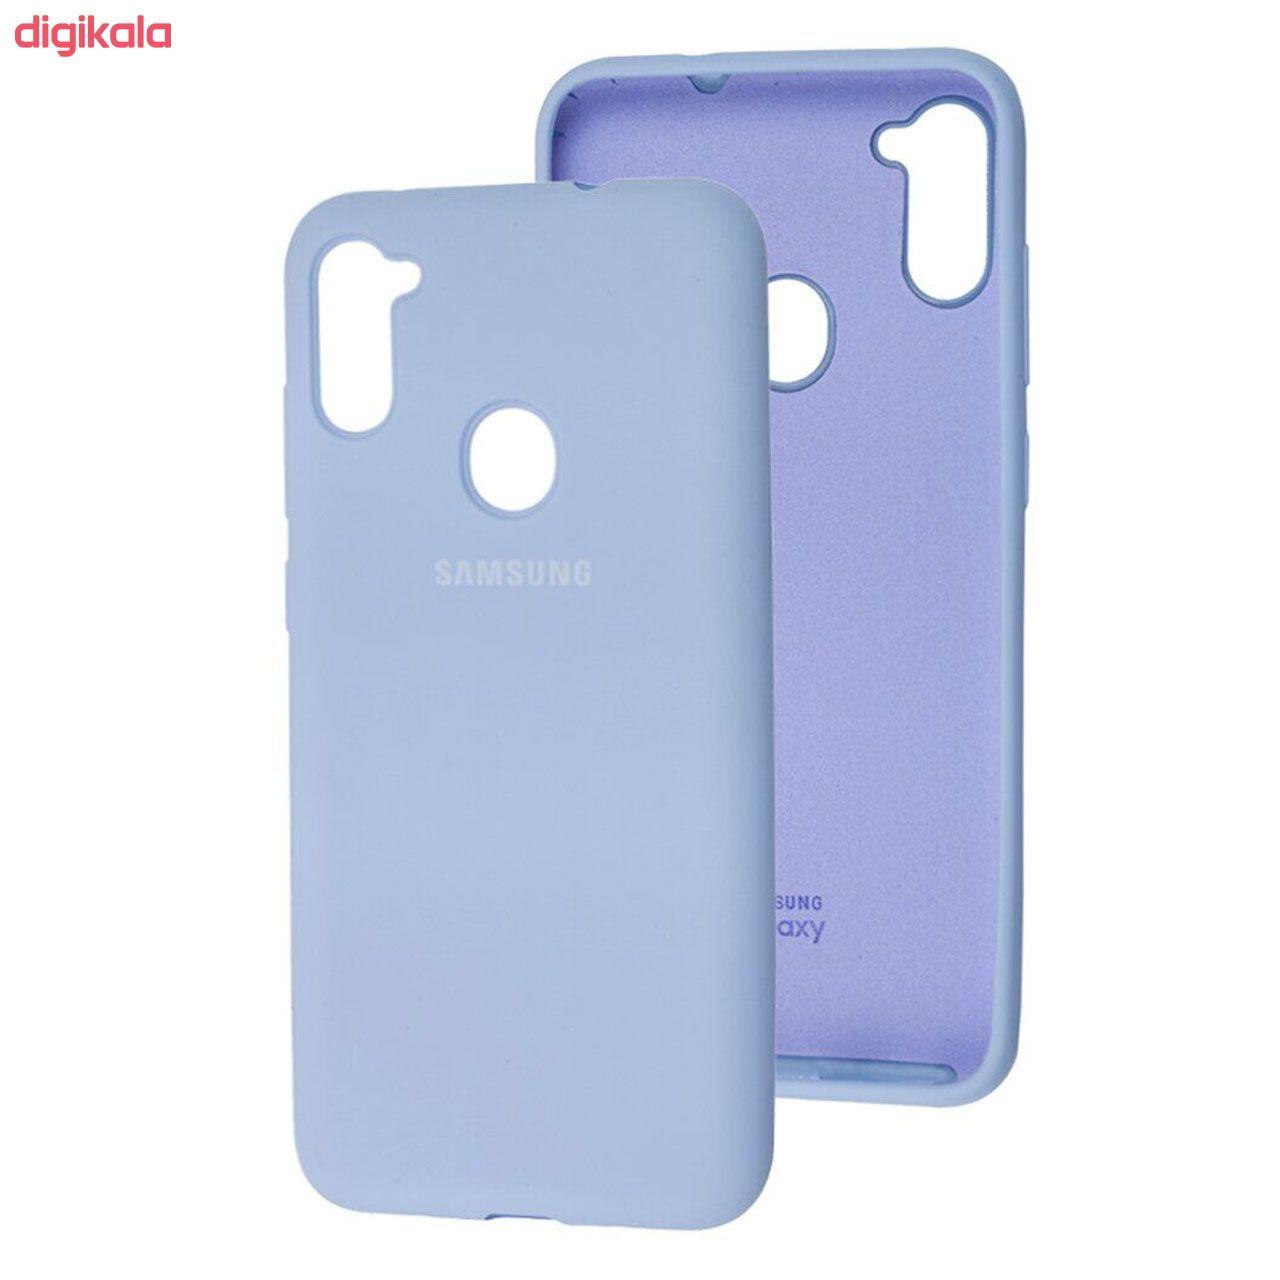 کاور مدل SLCN مناسب برای گوشی موبایل سامسونگ Galaxy A11 main 1 13